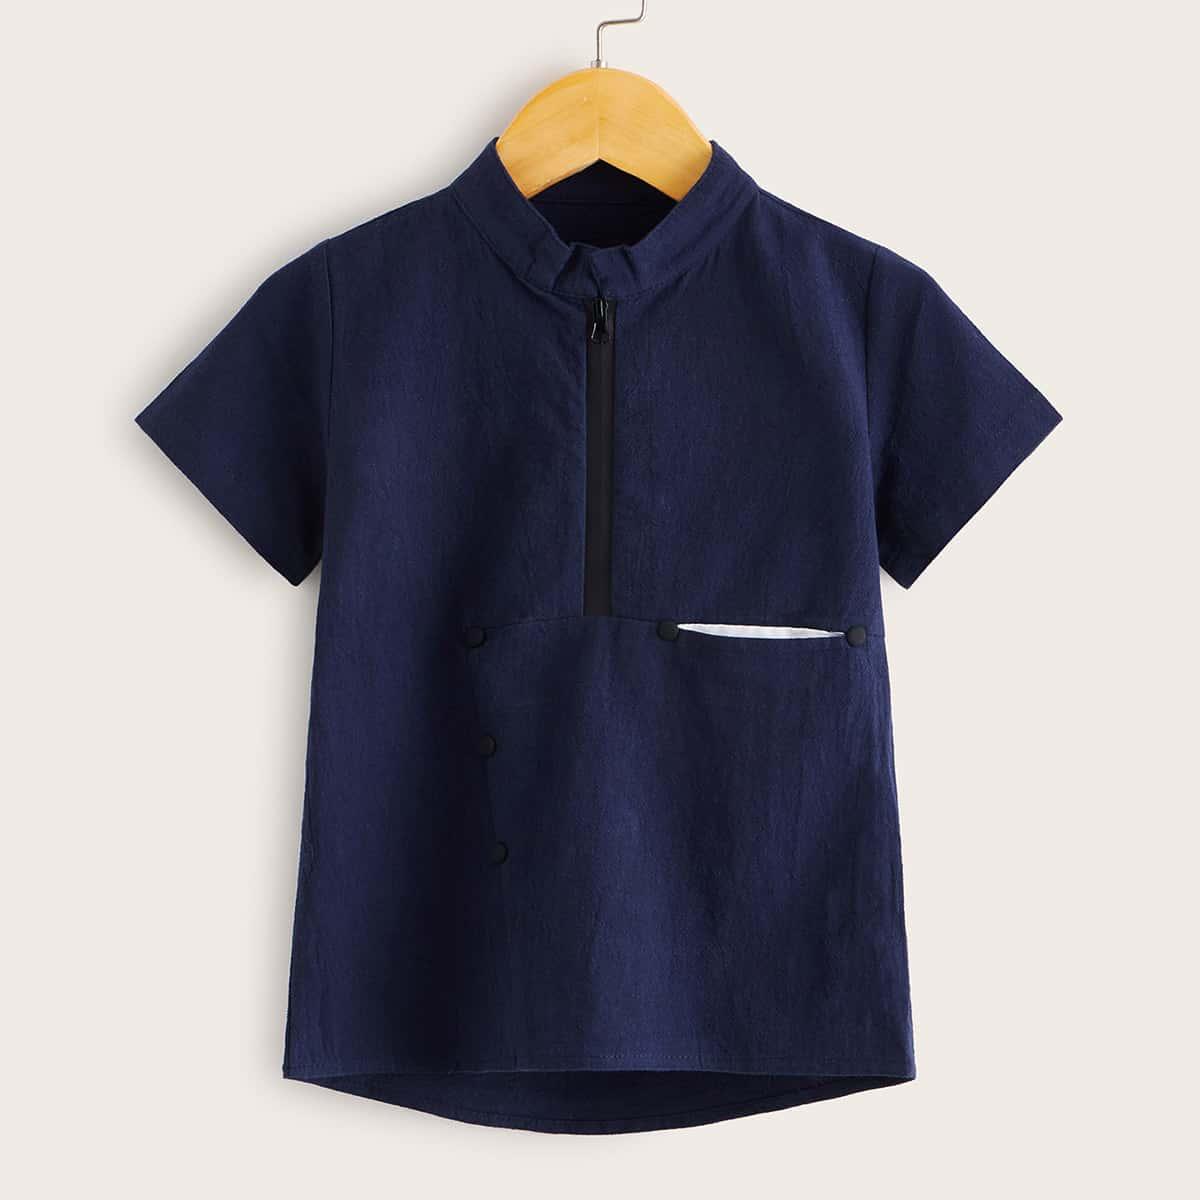 Асимметричная рубашка с молнией для мальчиков от SHEIN